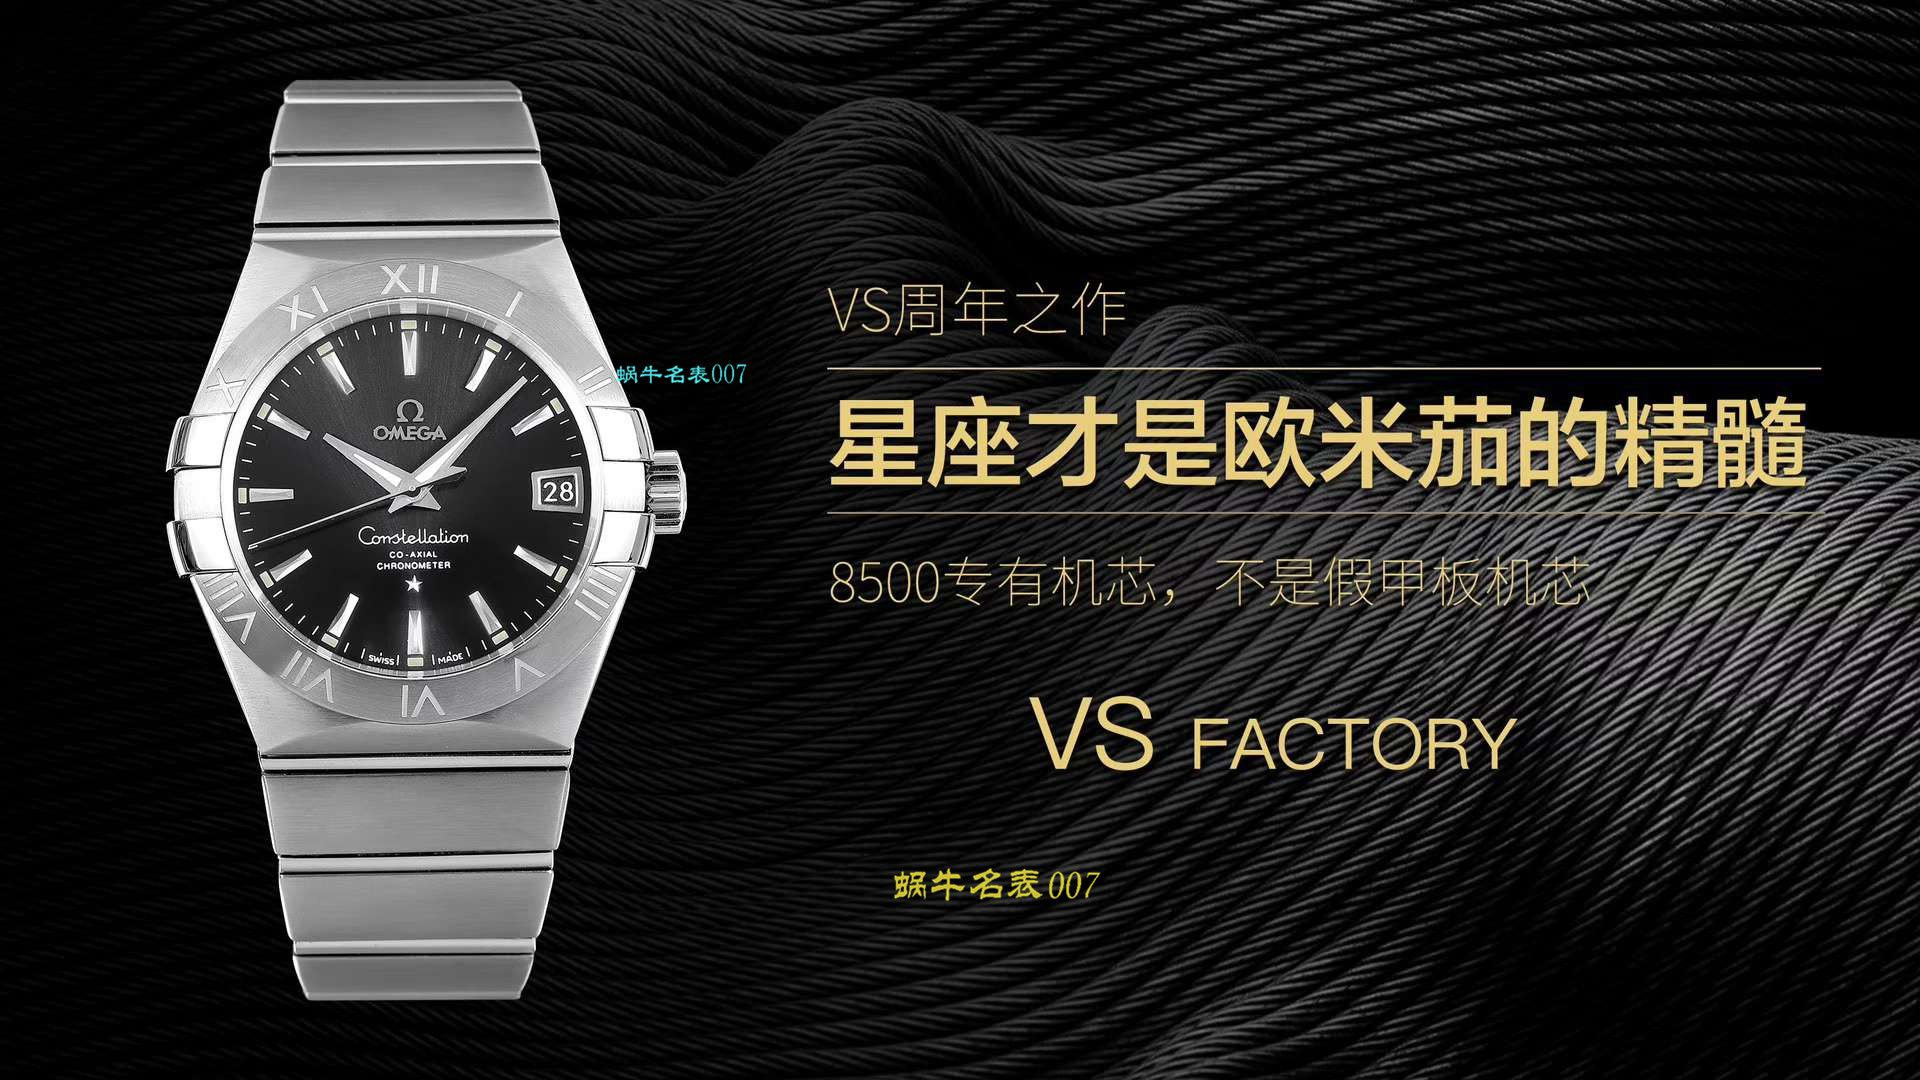 【视频评测VS厂一比一超A高仿欧米茄星座】欧米茄星座系列123.10.38.21.01.001腕表